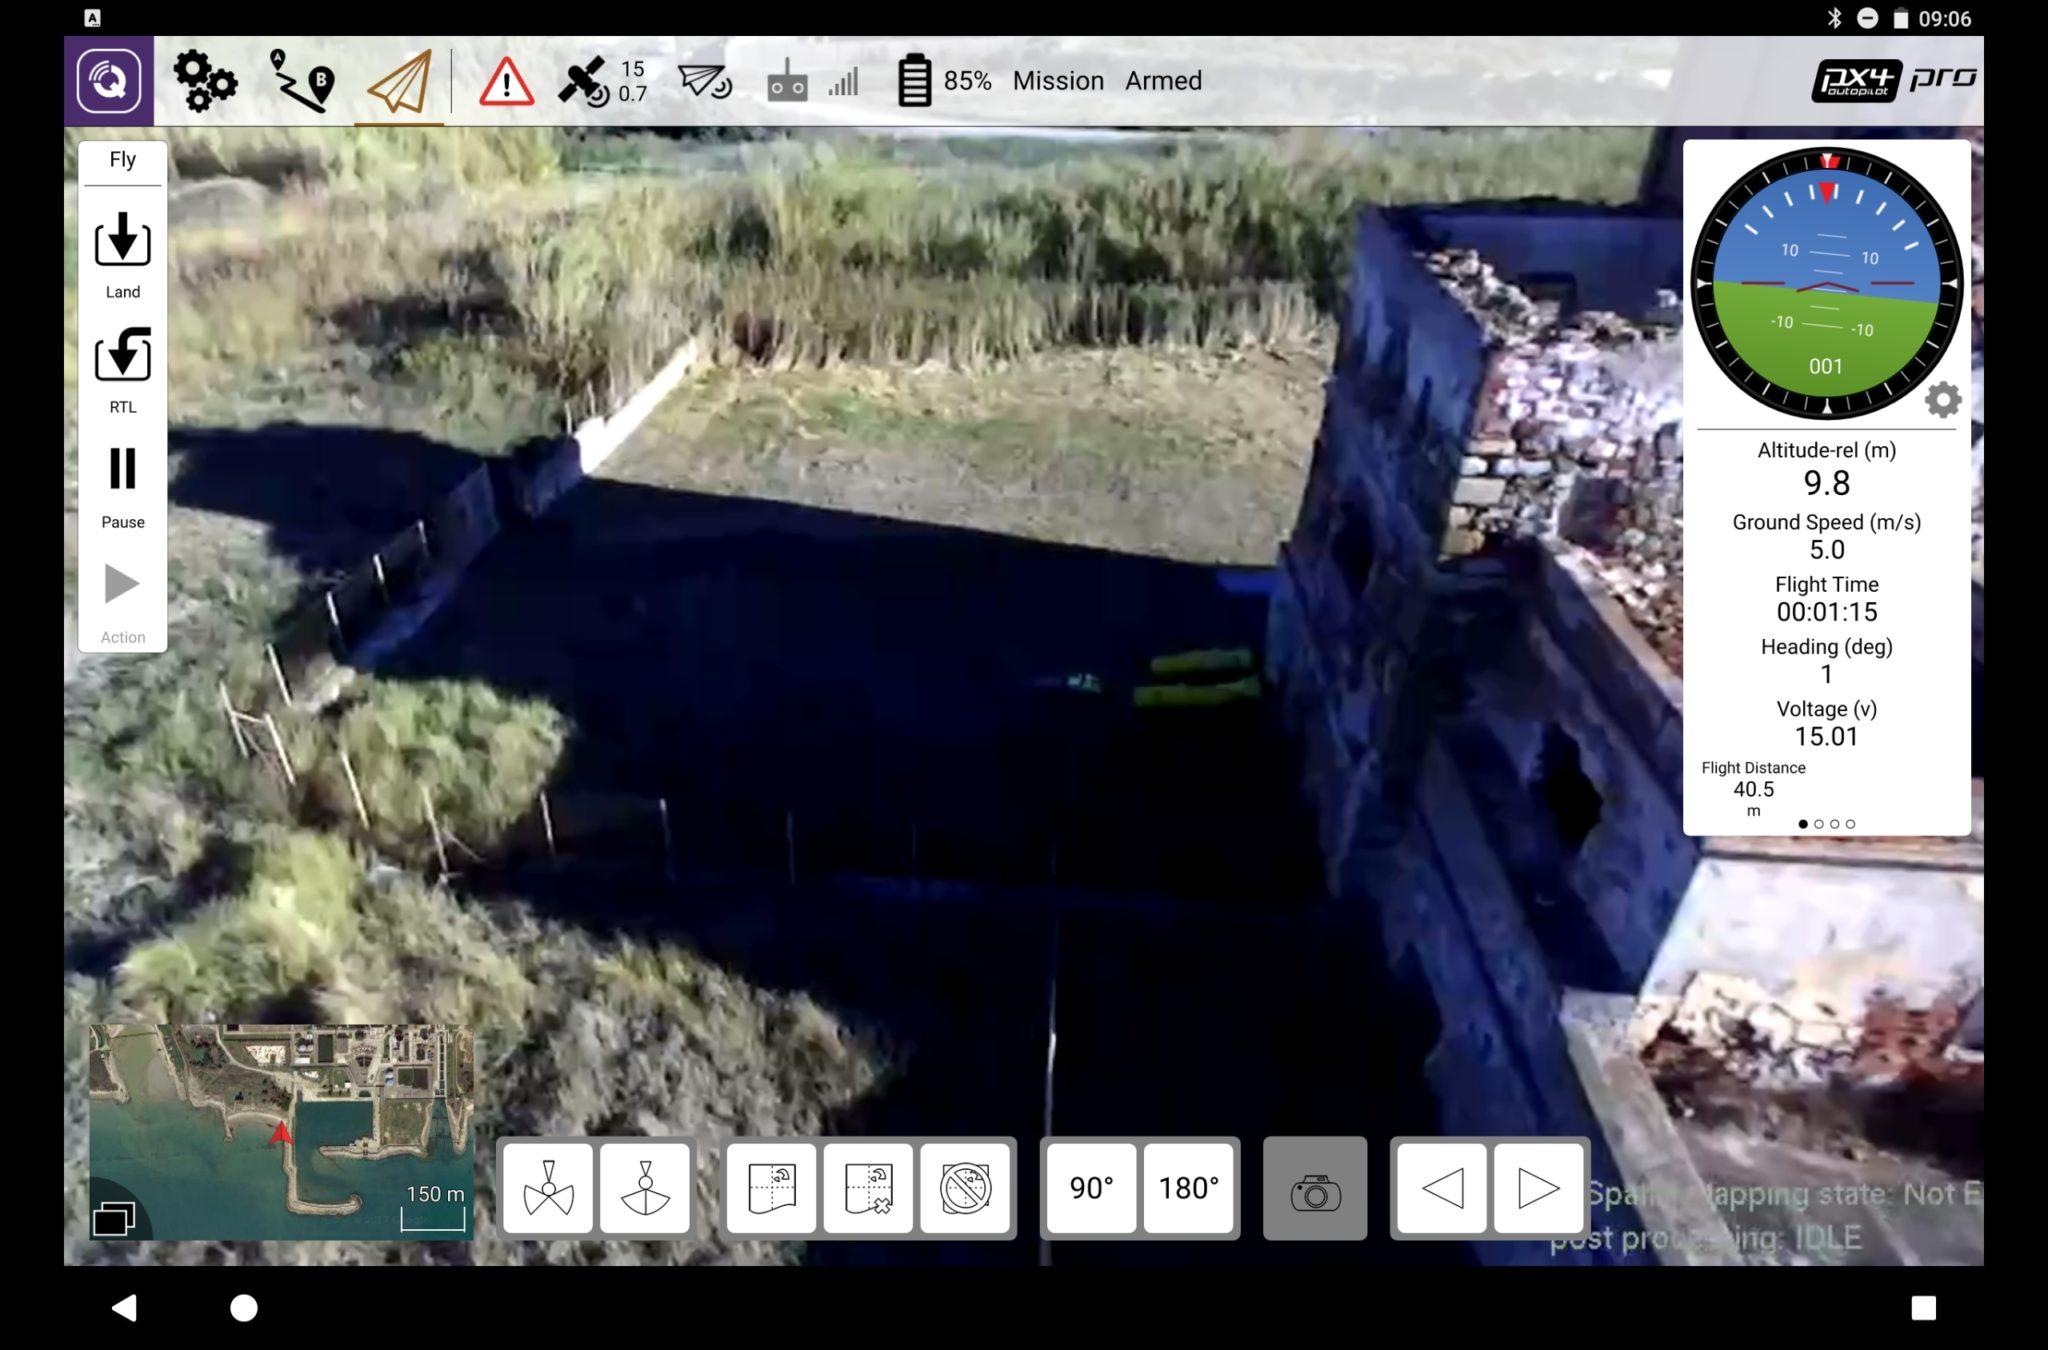 Live-Bild von der Kamera: Über das eingeblendete Interface können der Drohne konkrete Aufgaben zugewiesen werden. Der Pilot muss dabei lediglich seine Informationsbedürfnisse definieren, zum Beispiel «Suche ein Gebiet nach Personen ab». Das System übernimmt die Steuerung der Drohne und kommuniziert mit anderen Drohnen im gleichen Gebiet.